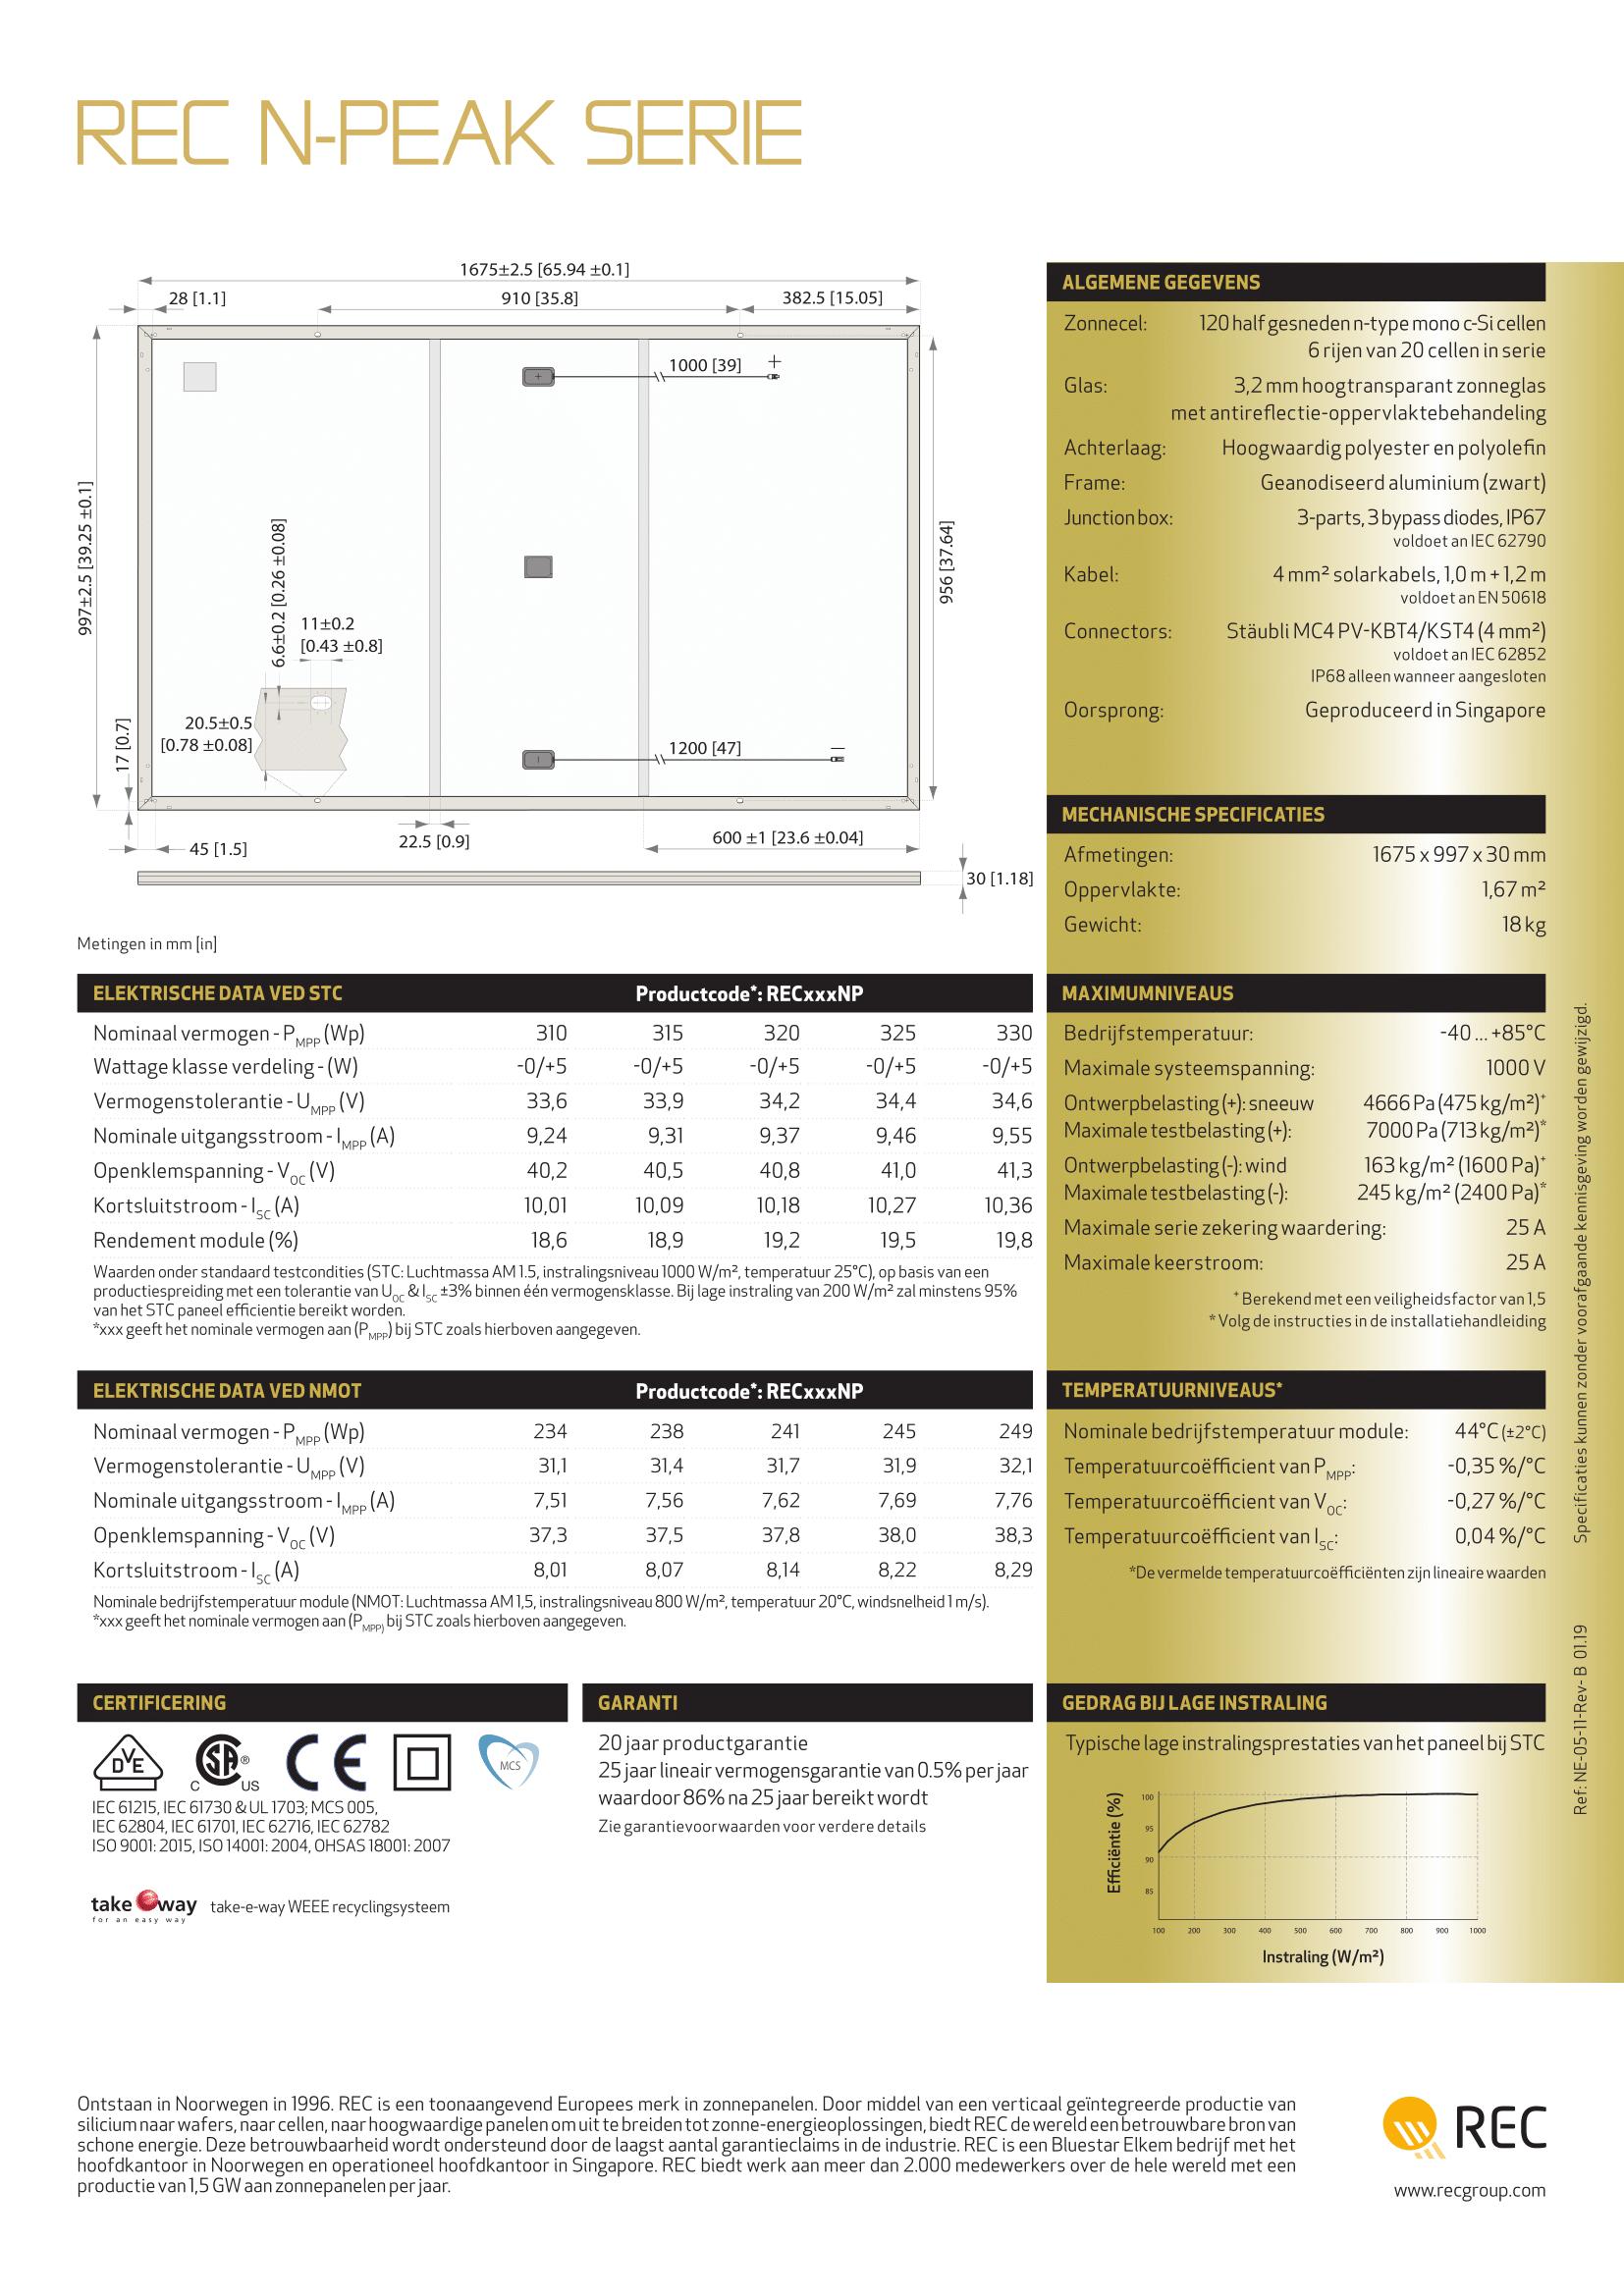 REC N-PEAK - Mono 320_20 jaar Garantie